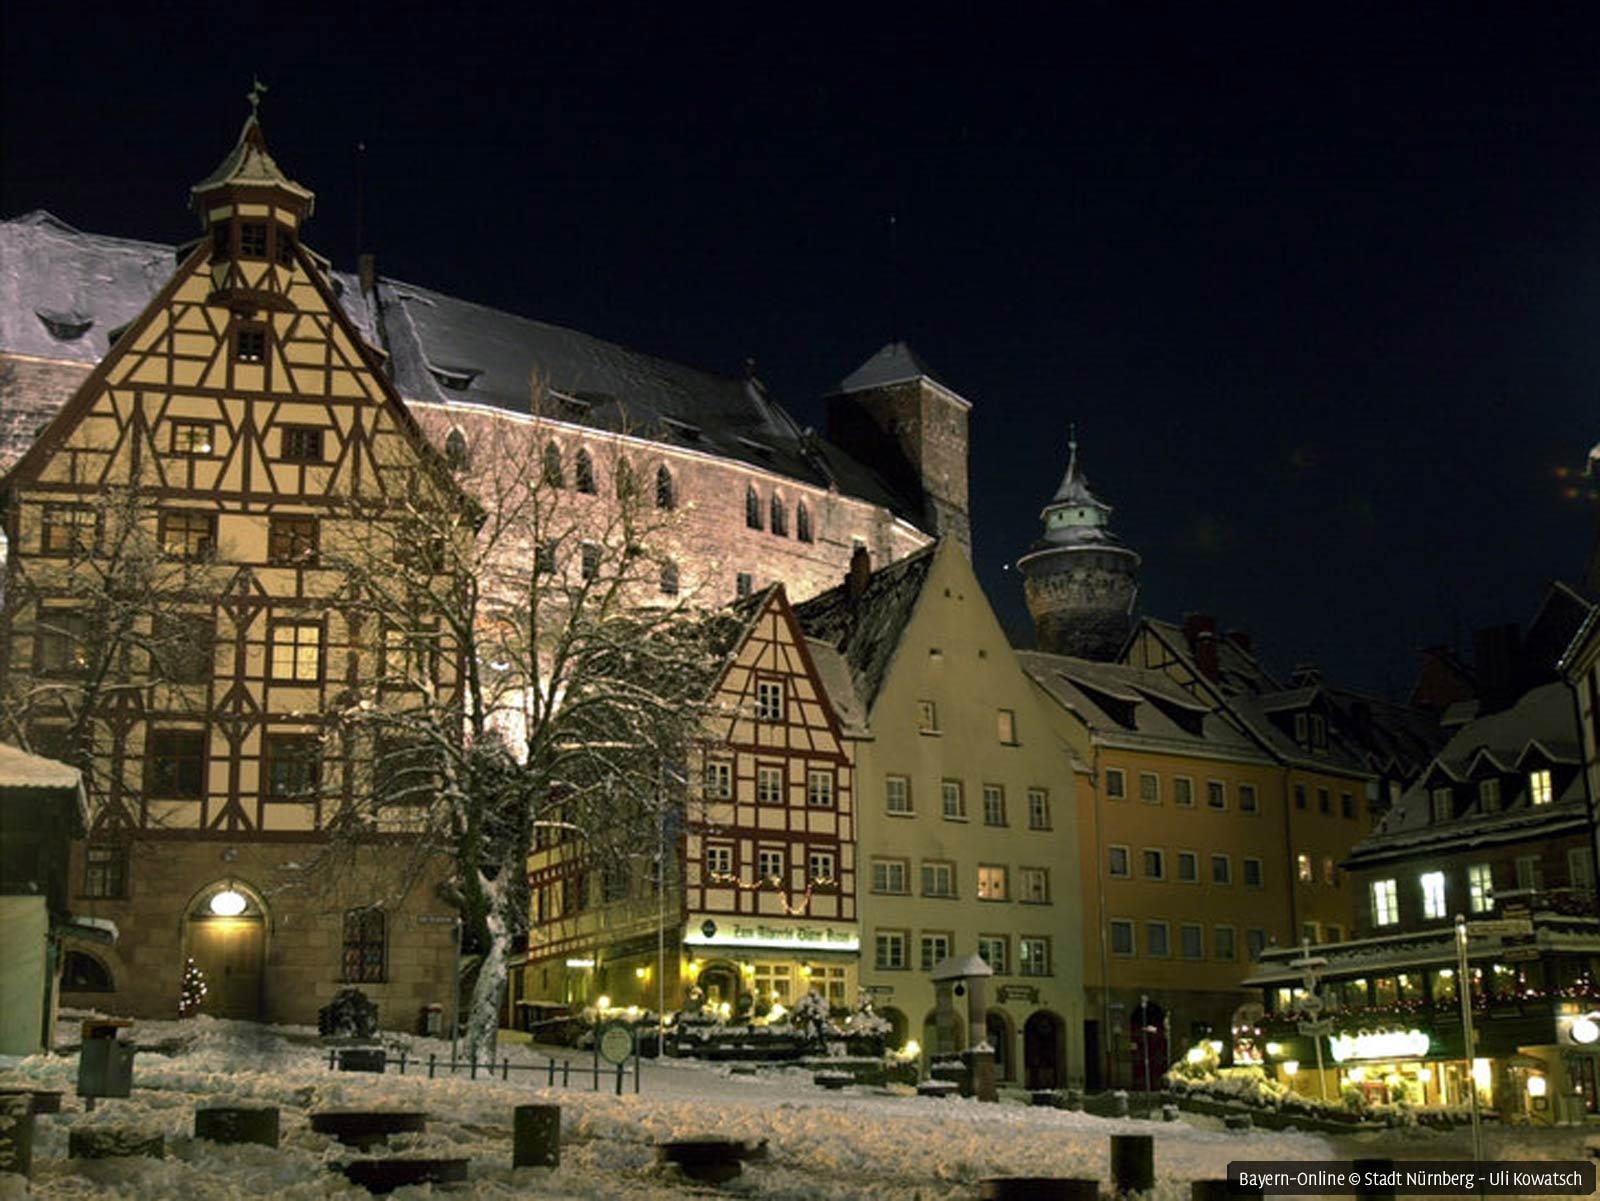 Weihnachten Nürnberg